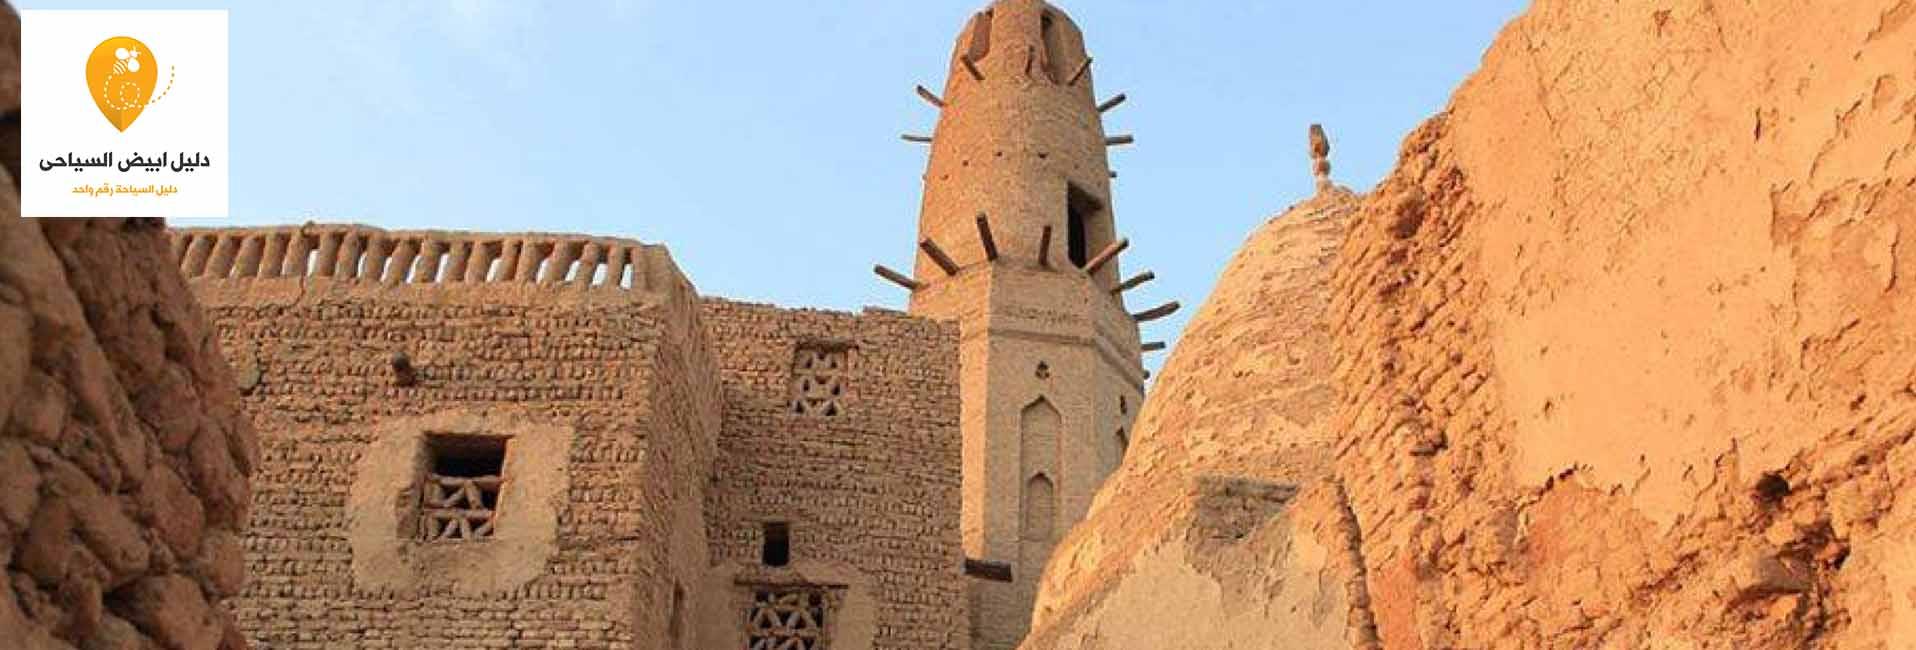 أماكن سياحية في مصر غير 5معروفة